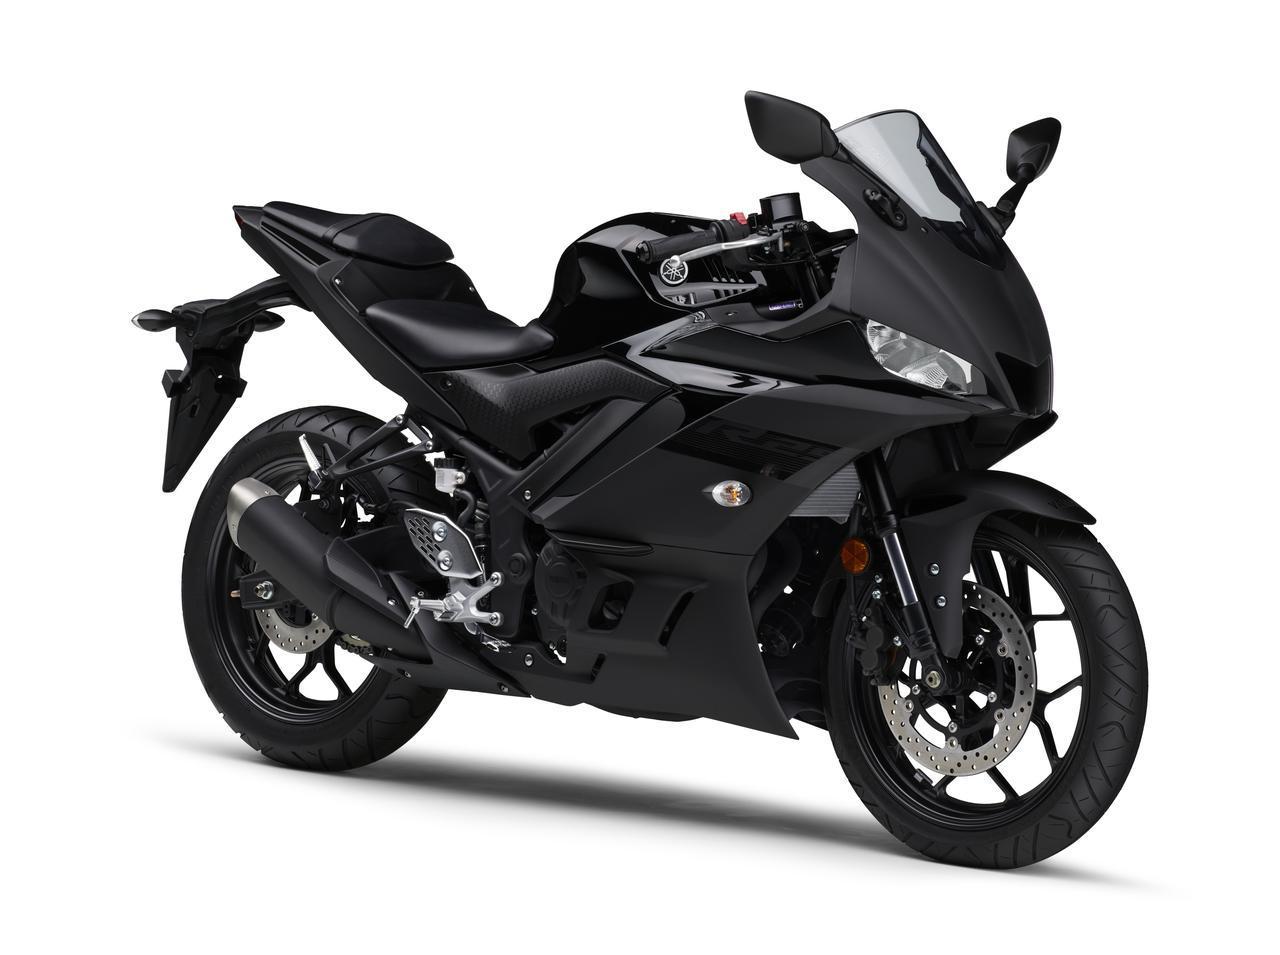 画像29: ヤマハ「YZF-R25/ABS」「YZF-R3 ABS」の2020年モデルが2月14日(金)発売! 3色展開で、すべてニューカラー!